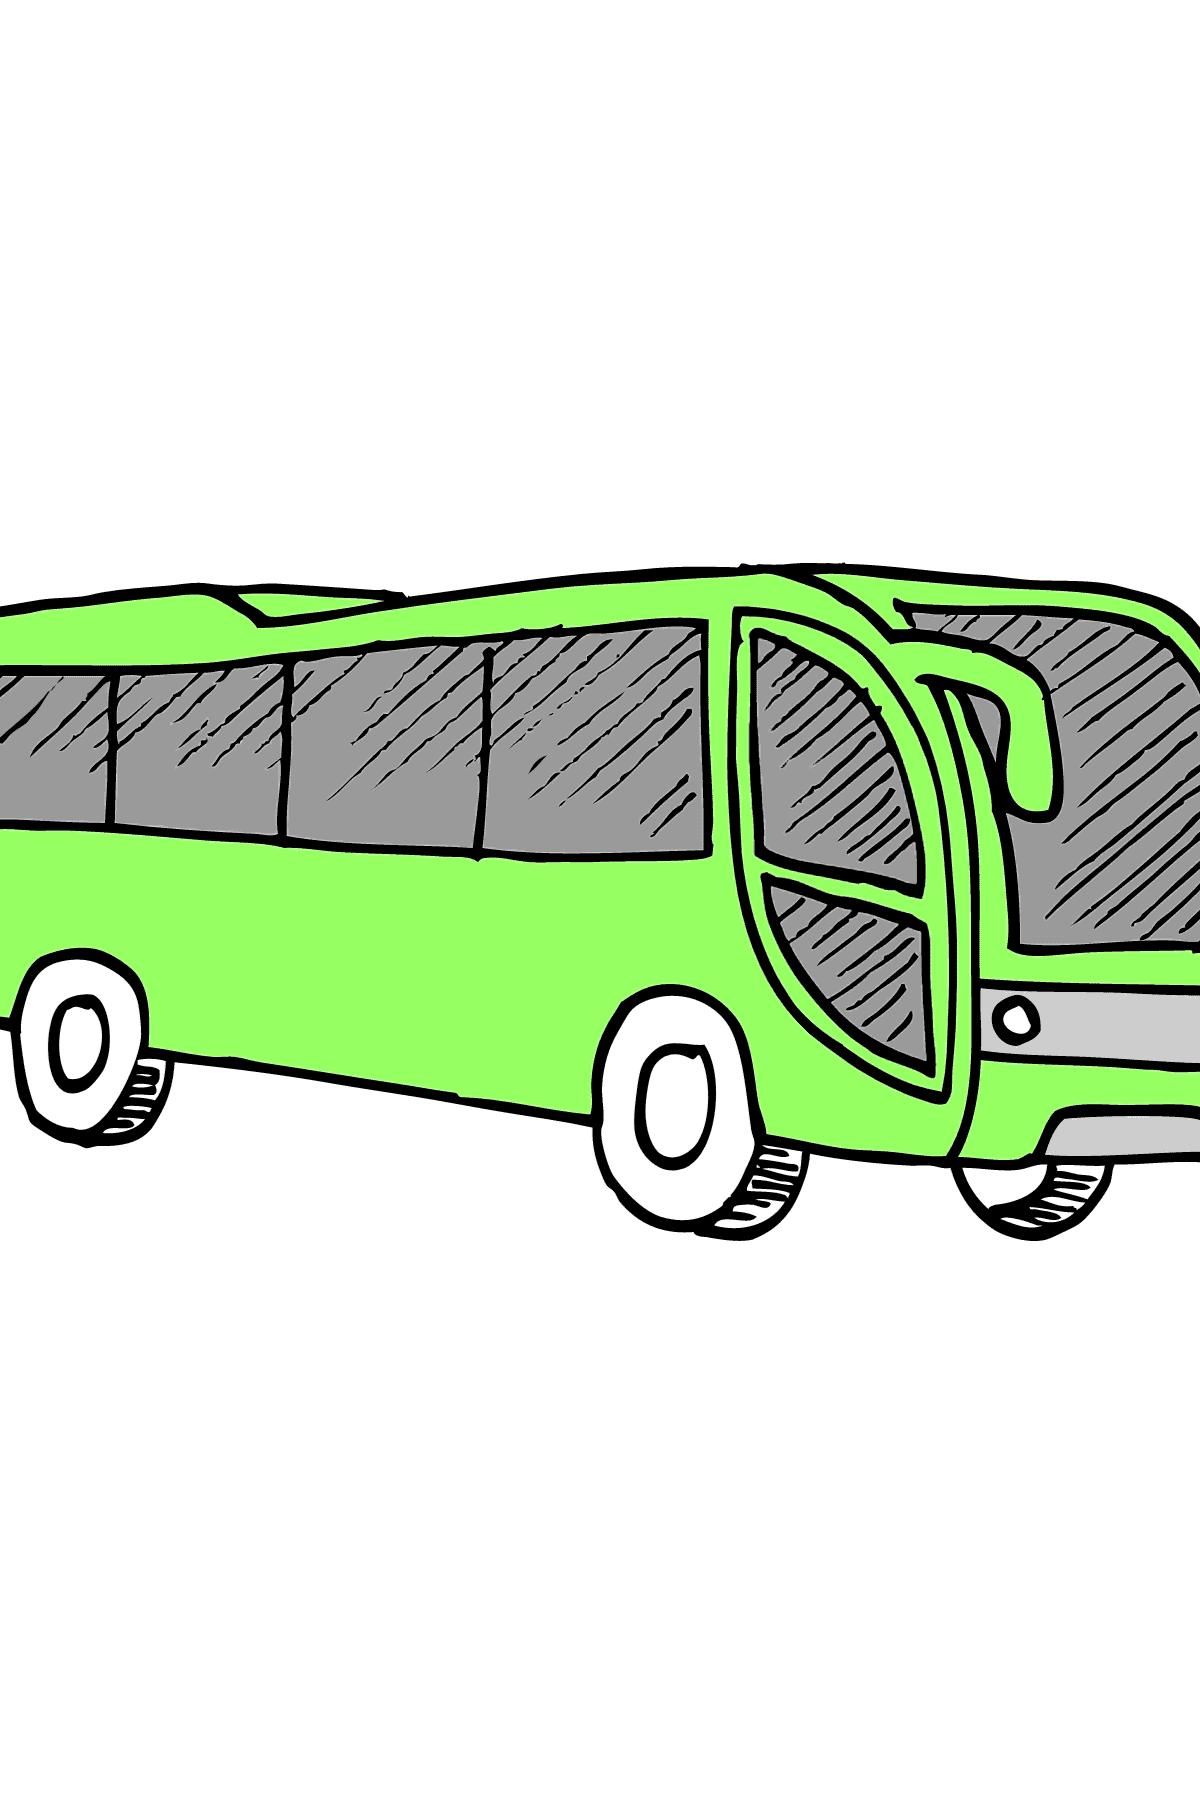 Раскраски городского транспорта